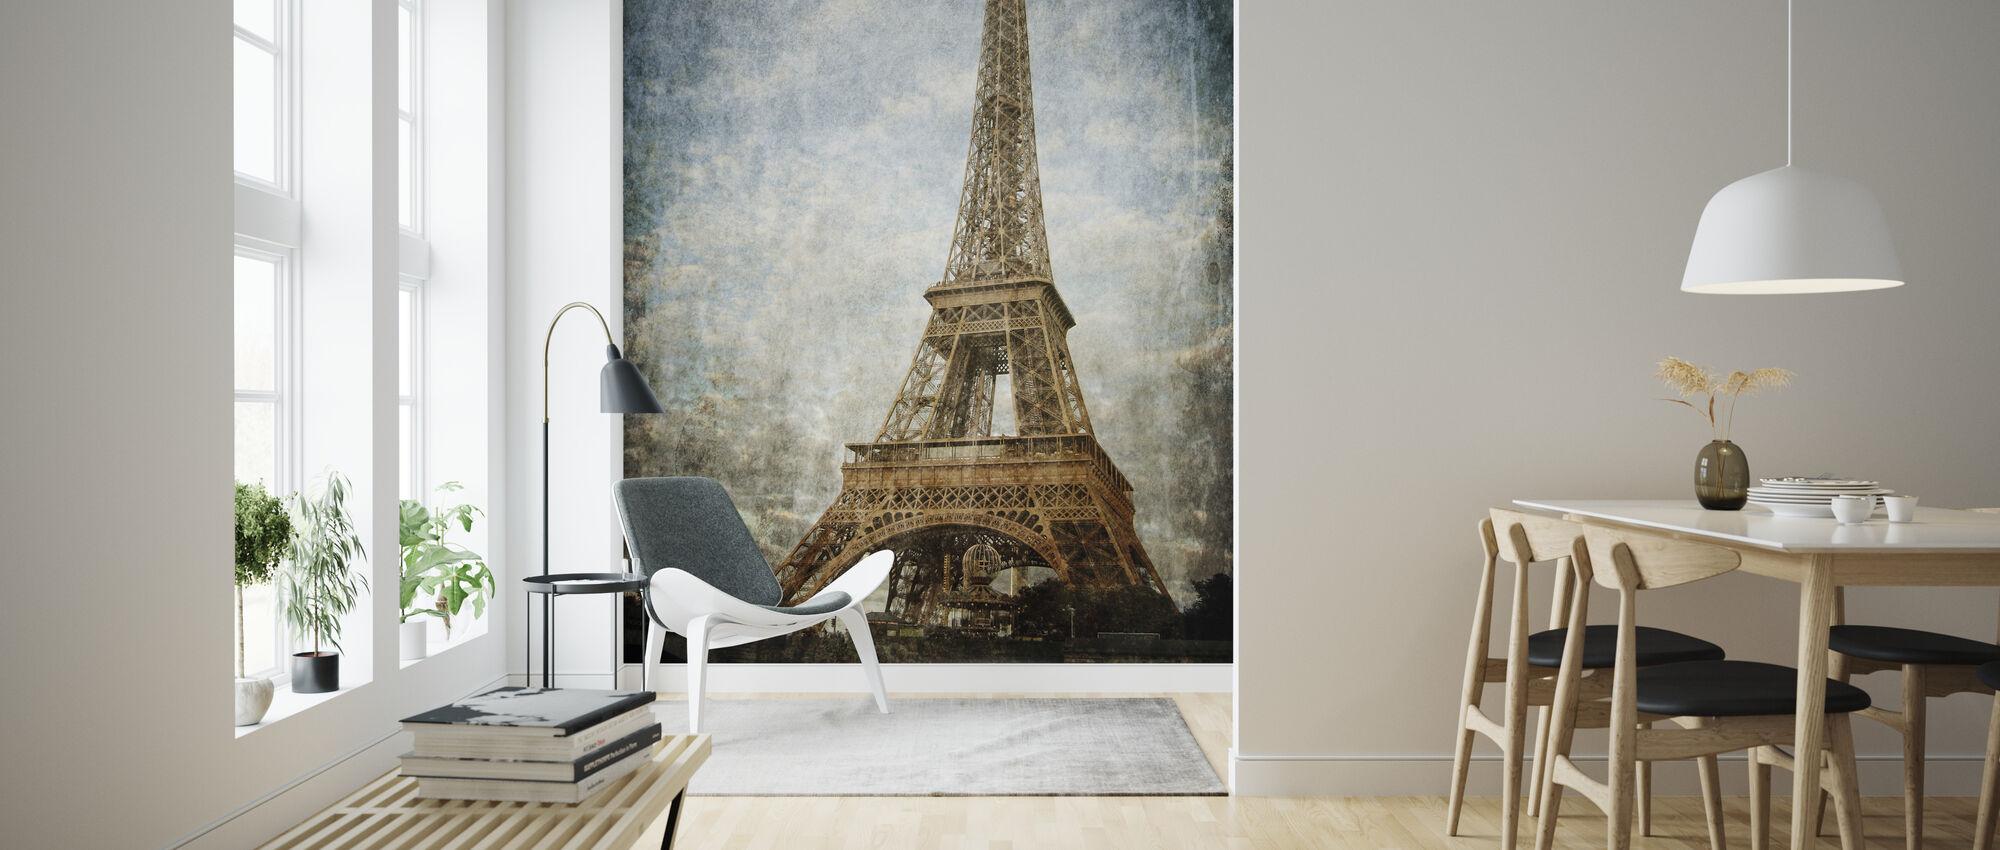 Vintage Eiffel-torni - Tapetti - Olohuone